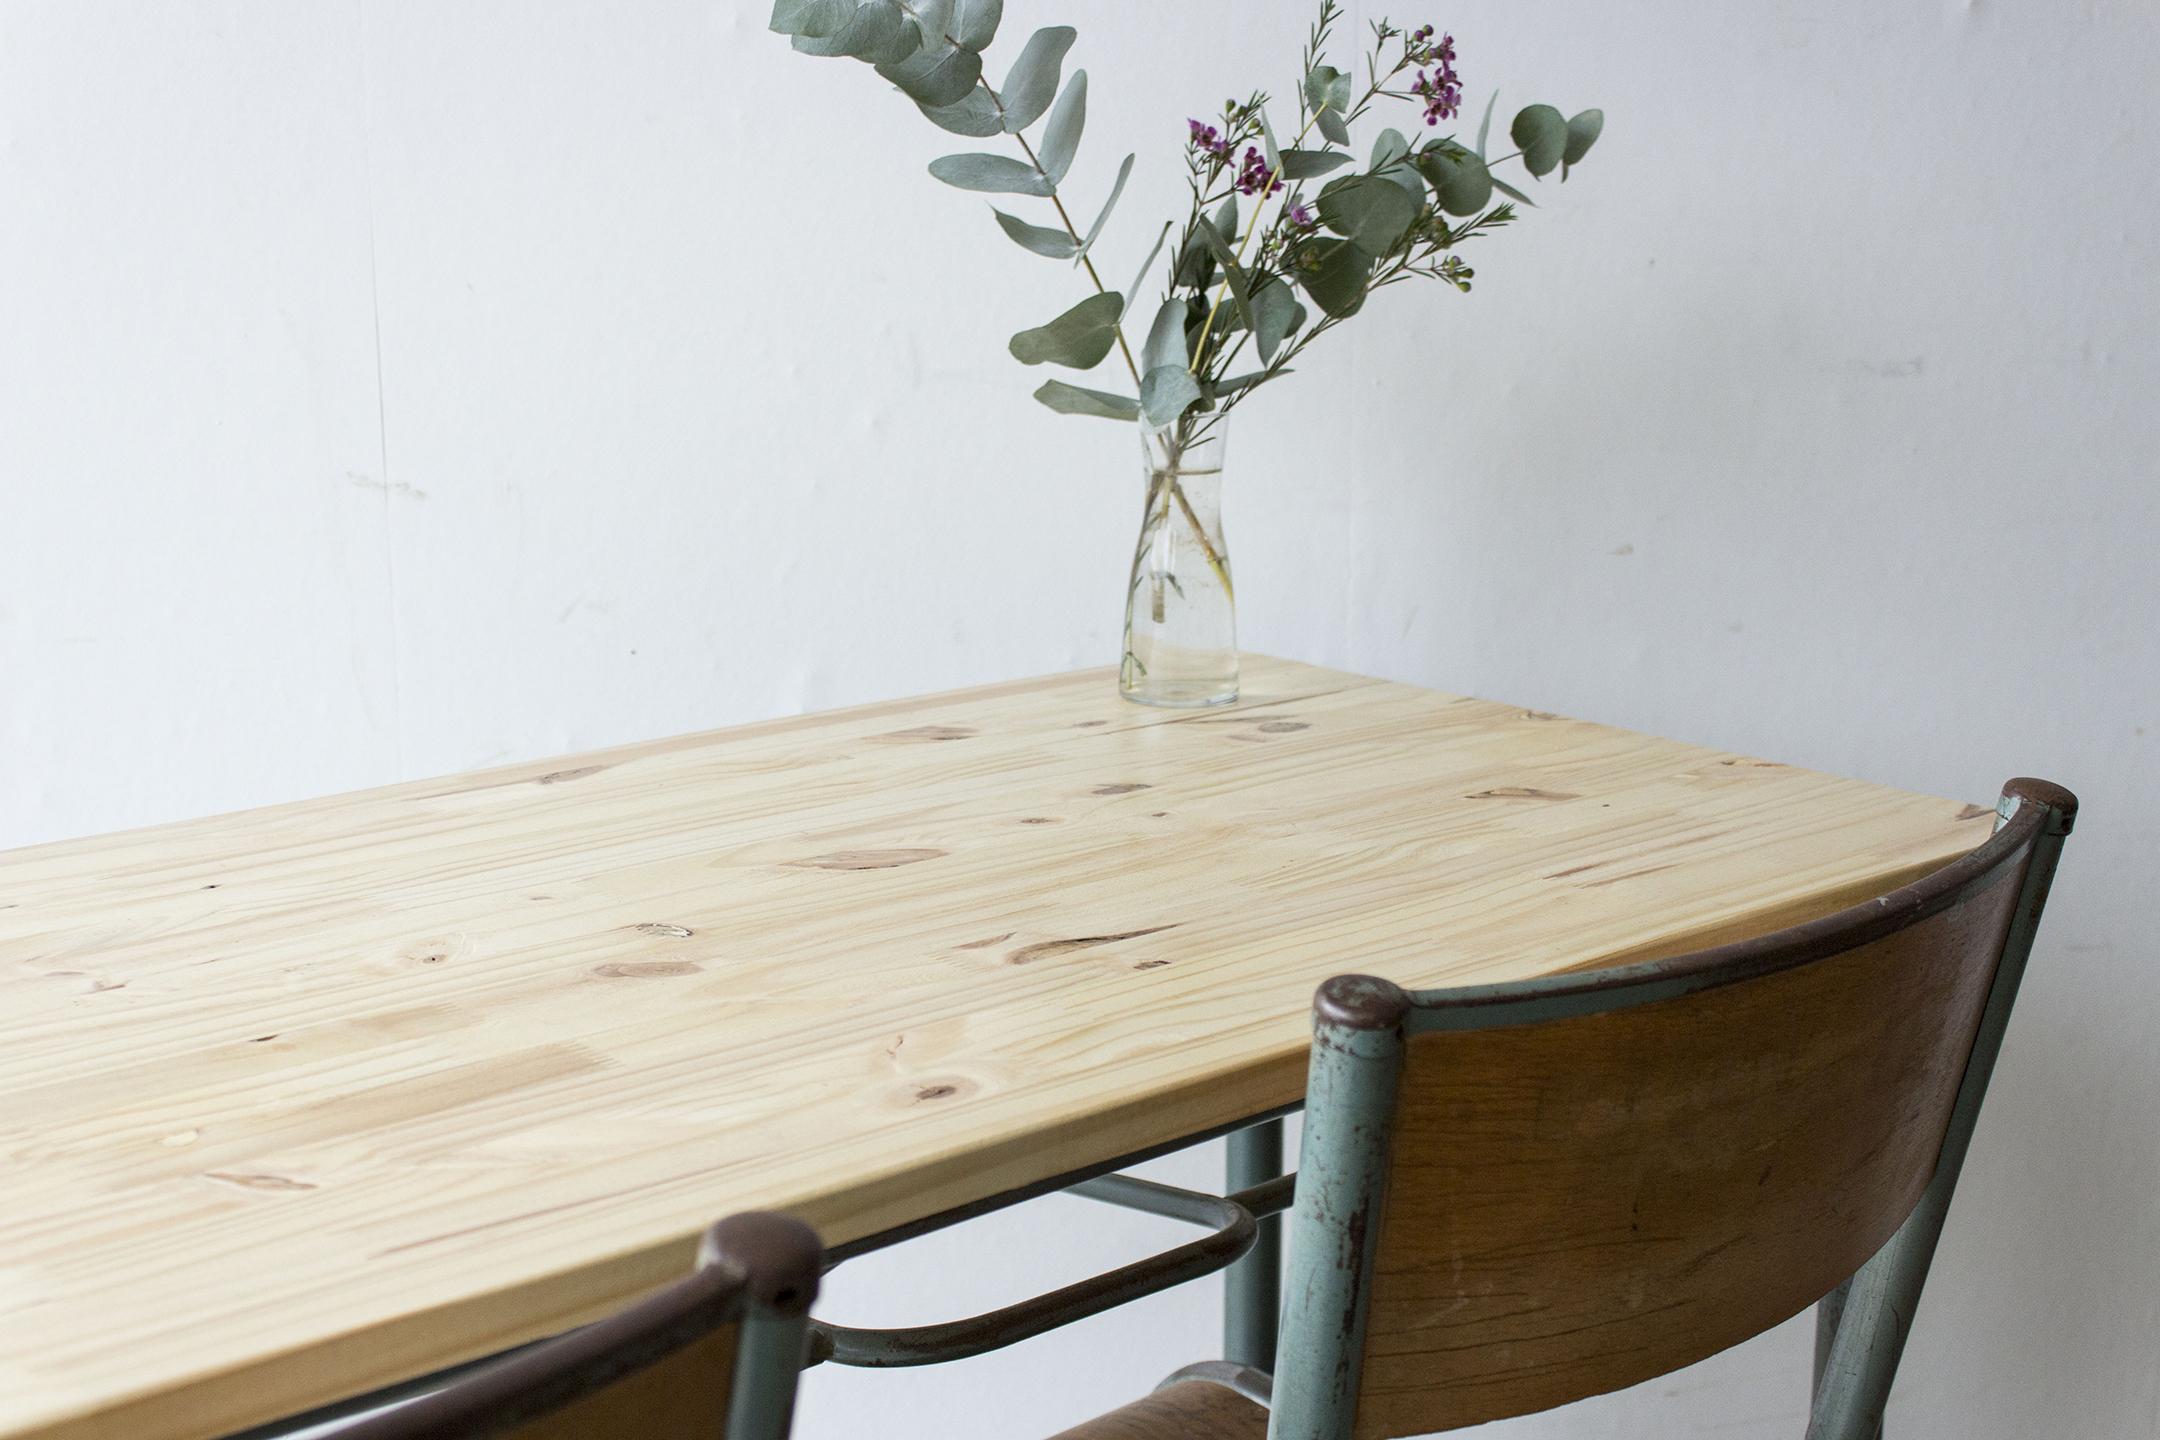 3177 - 2p schooltafel met blank houten blad - Firma zoethout_1.jpg